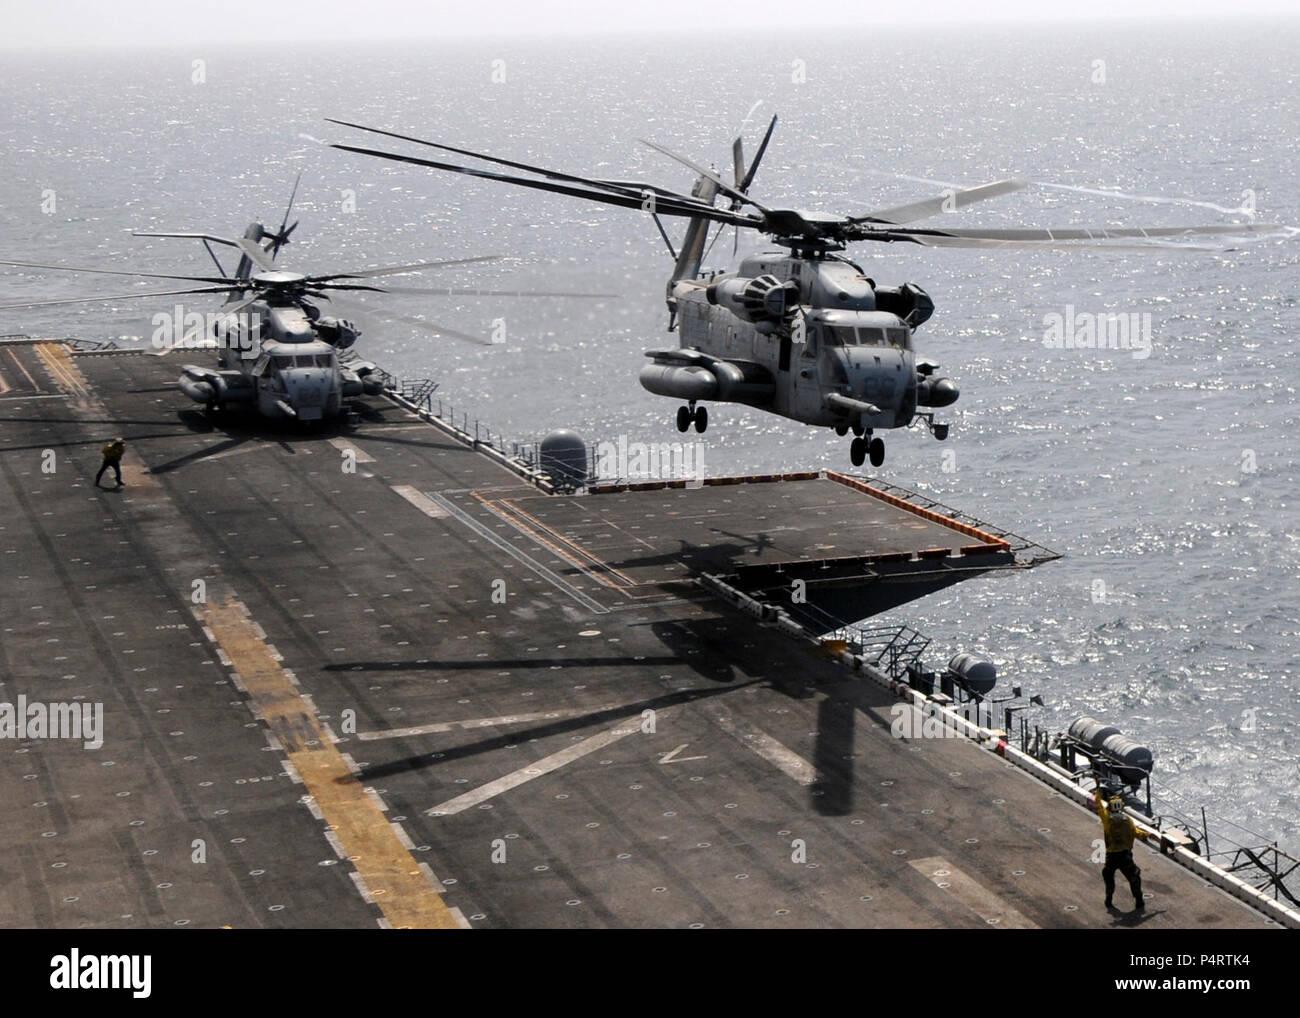 Un Corps des Marines américains CH-53E Super Stallion helicopter affectés à l'Escadron d'hélicoptère moyen maritime (HMM) 165 décolle de l'envol de l'USS Peleliu (LHA) avec 5 marines à bord de l'OMS aidera les victimes des inondations au Pakistan le 12 août 2010, dans la mer d'Oman. Banque D'Images